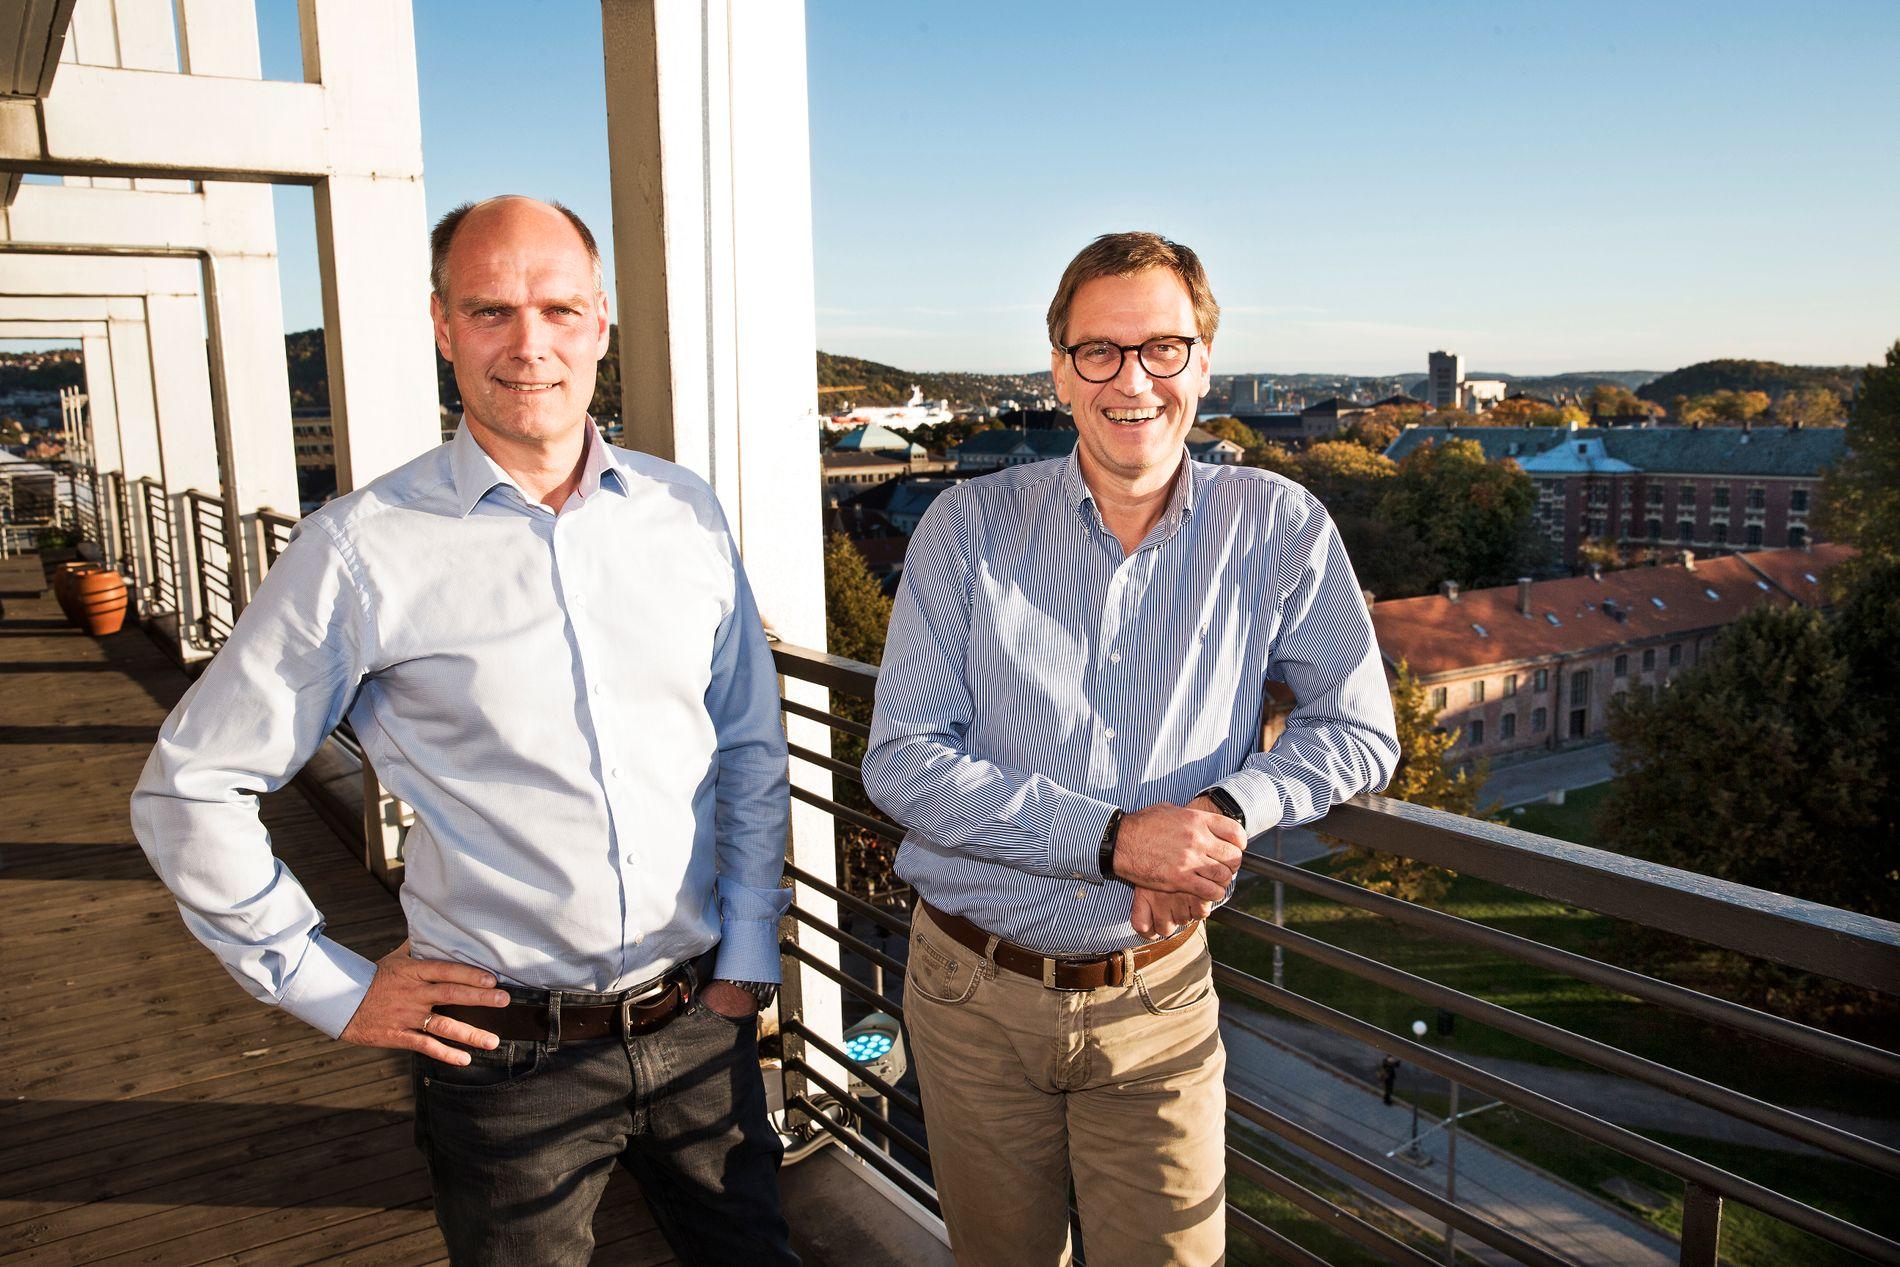 AKTIVE BRØDRE: Brødrene Kristian (til høyre) og Roger Adolfsen er likestilte hovedeiere i Norlandia Care Group, og har tjent gode penger på blant annet barnehager, sykehjem og asylmottak. Her er de avbildet på terrassen utenfor kontorene i Rådhusgaten i Oslo.